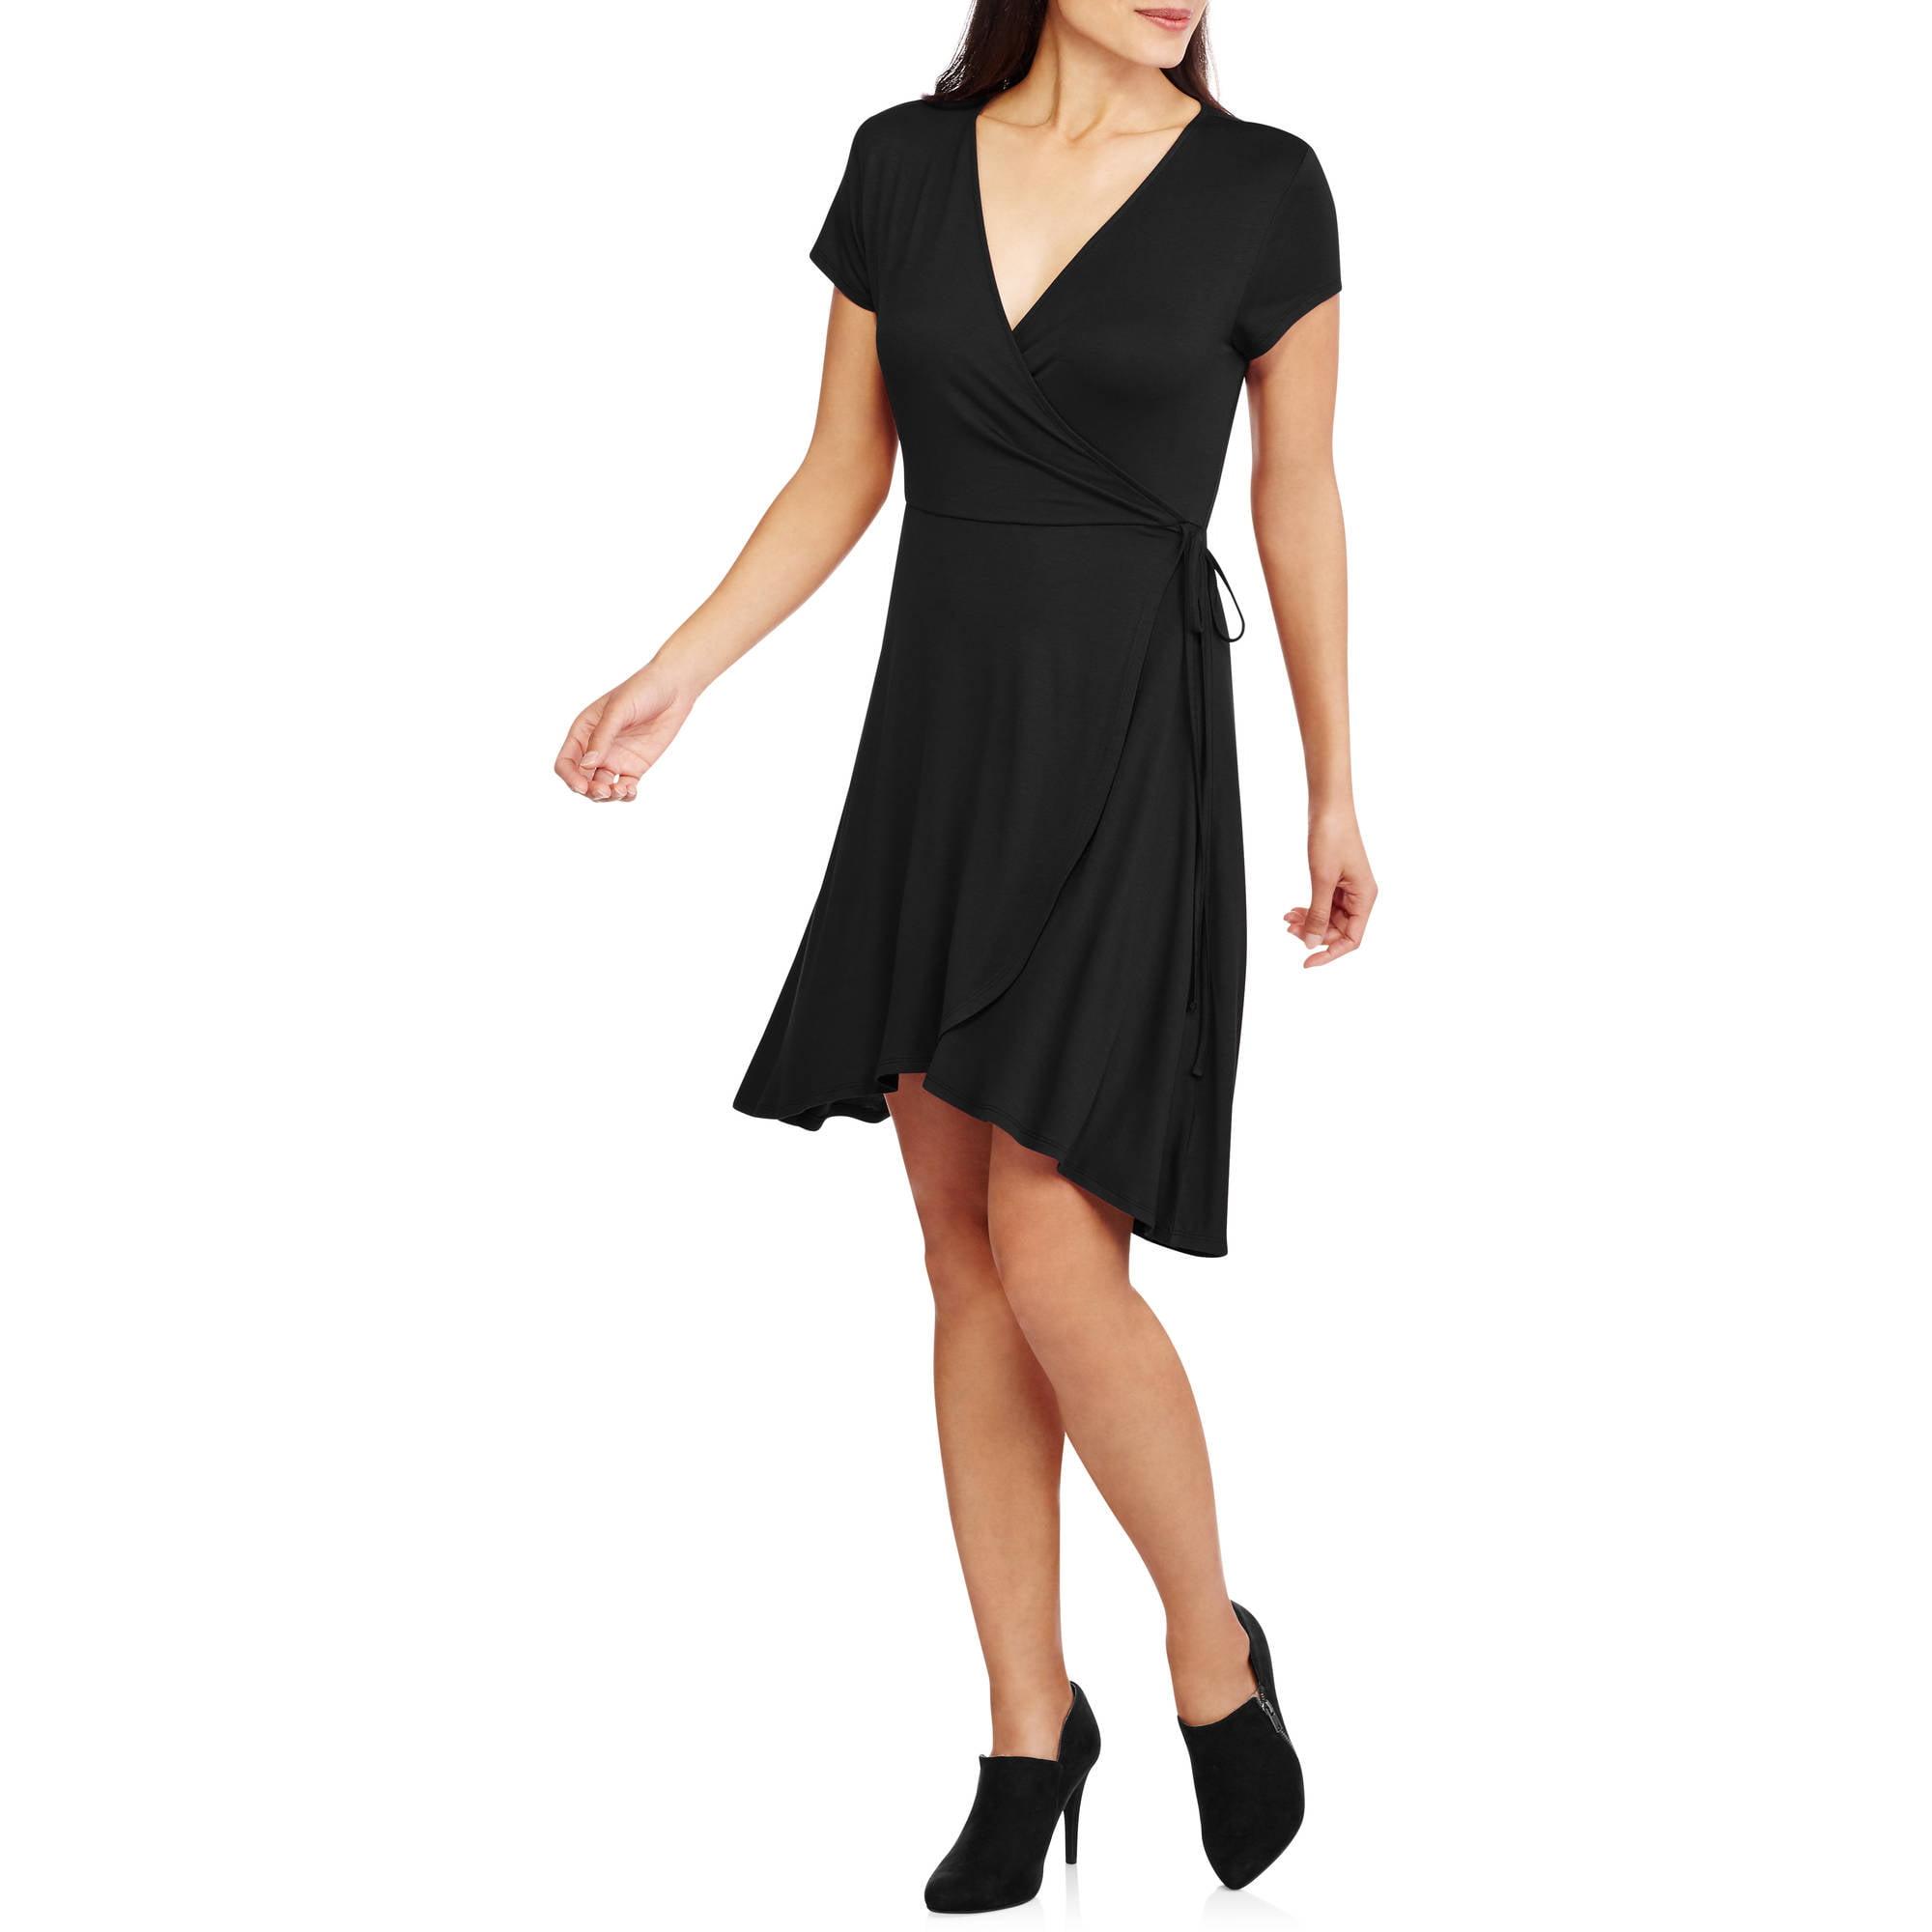 Faded Glory Women's Easy Knit Wrap Dress - Walmart.com